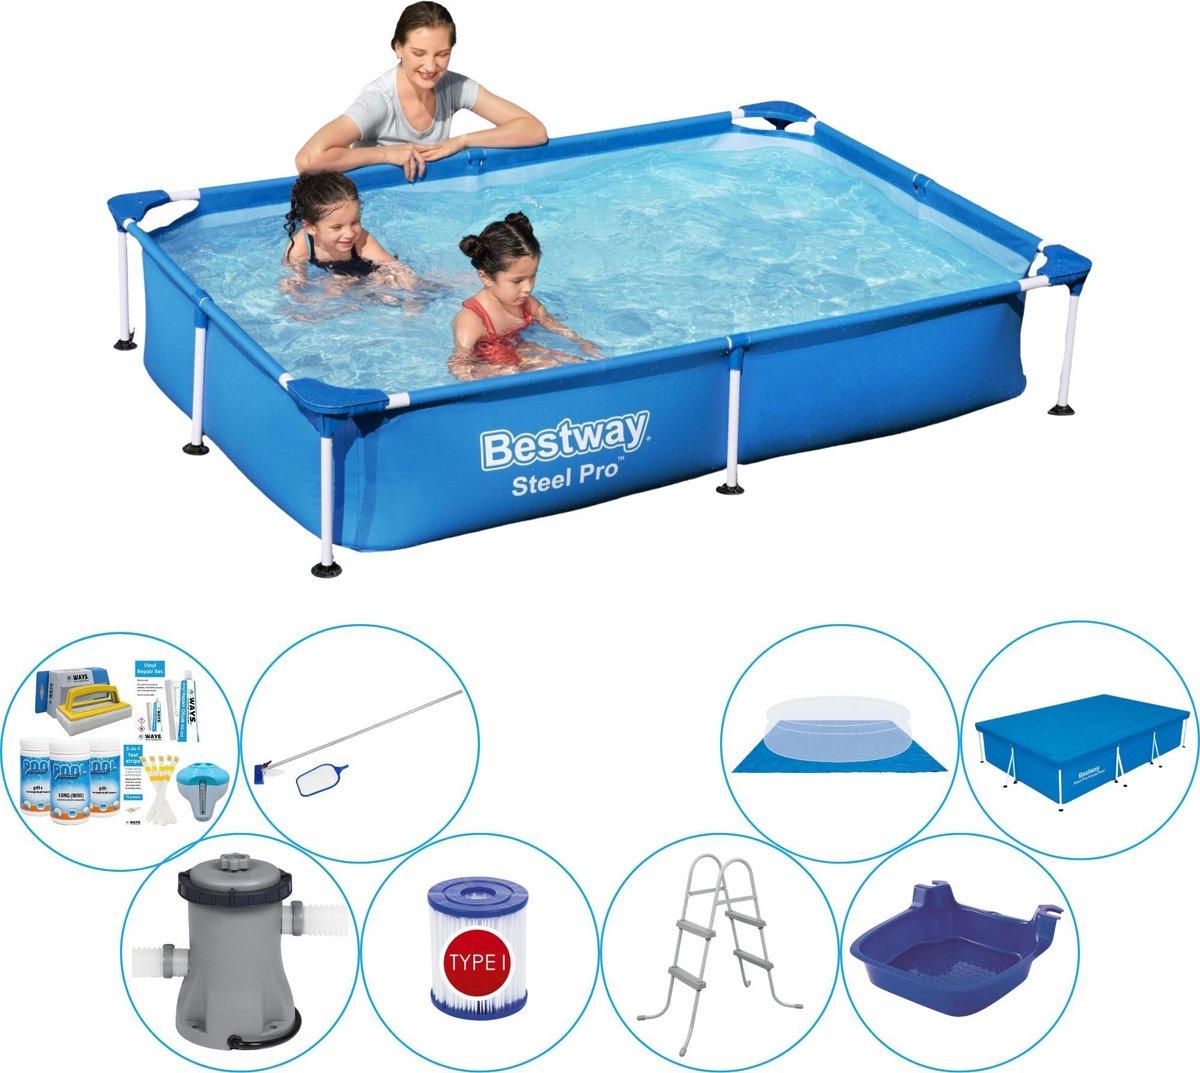 Bestway rechthoekig zwembad met pomp - 220 x 150 x 43 - inclusief onderhoudsset